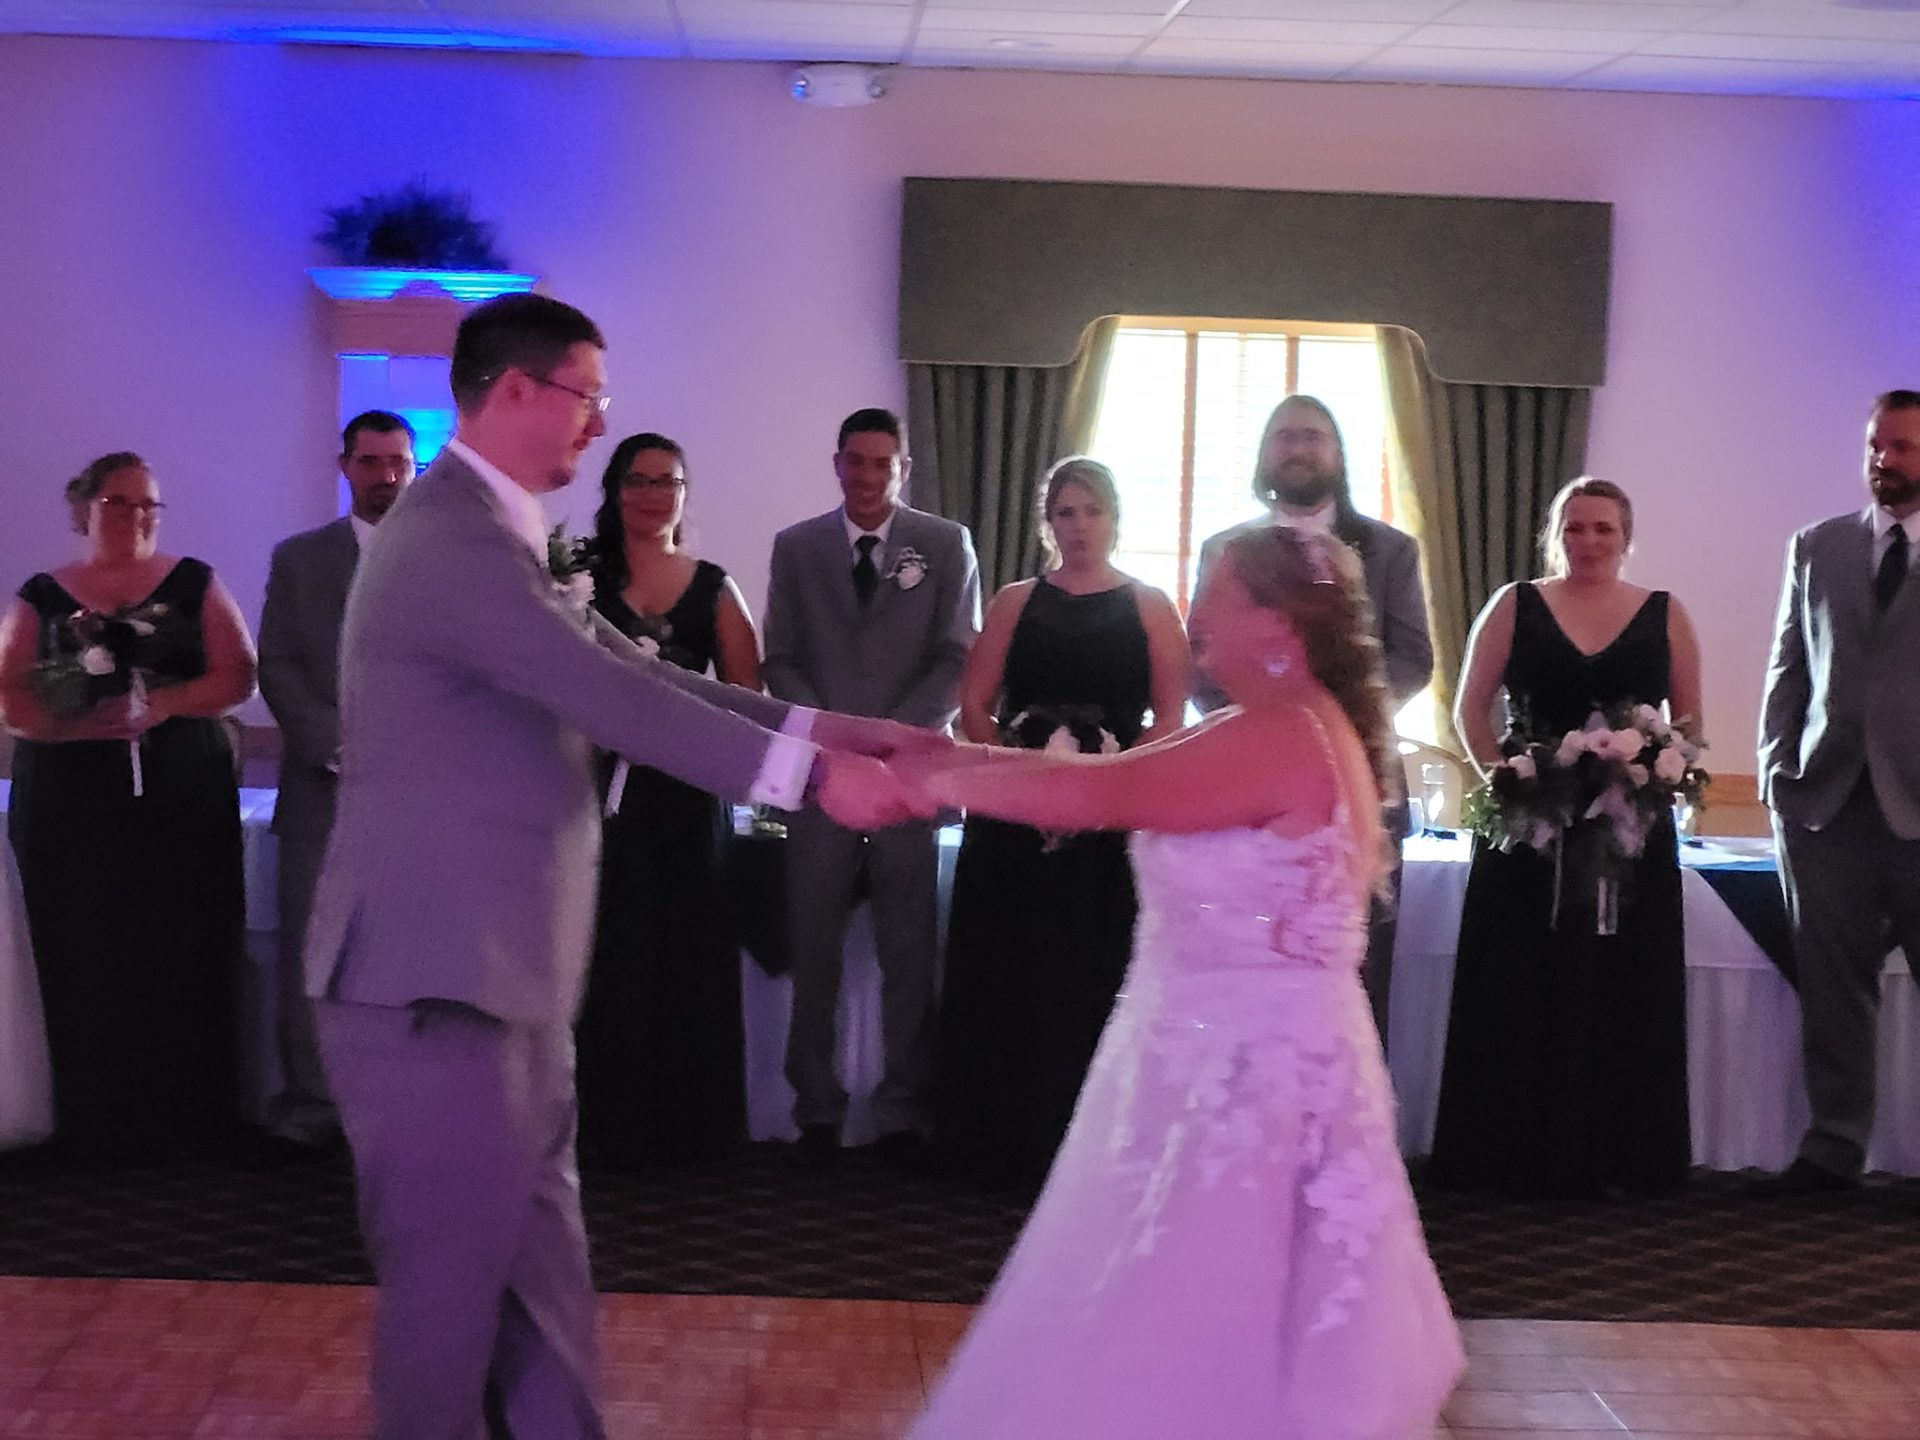 Mann Wedding   Rochester DJ   Valley Oak Event Center   Geneseo